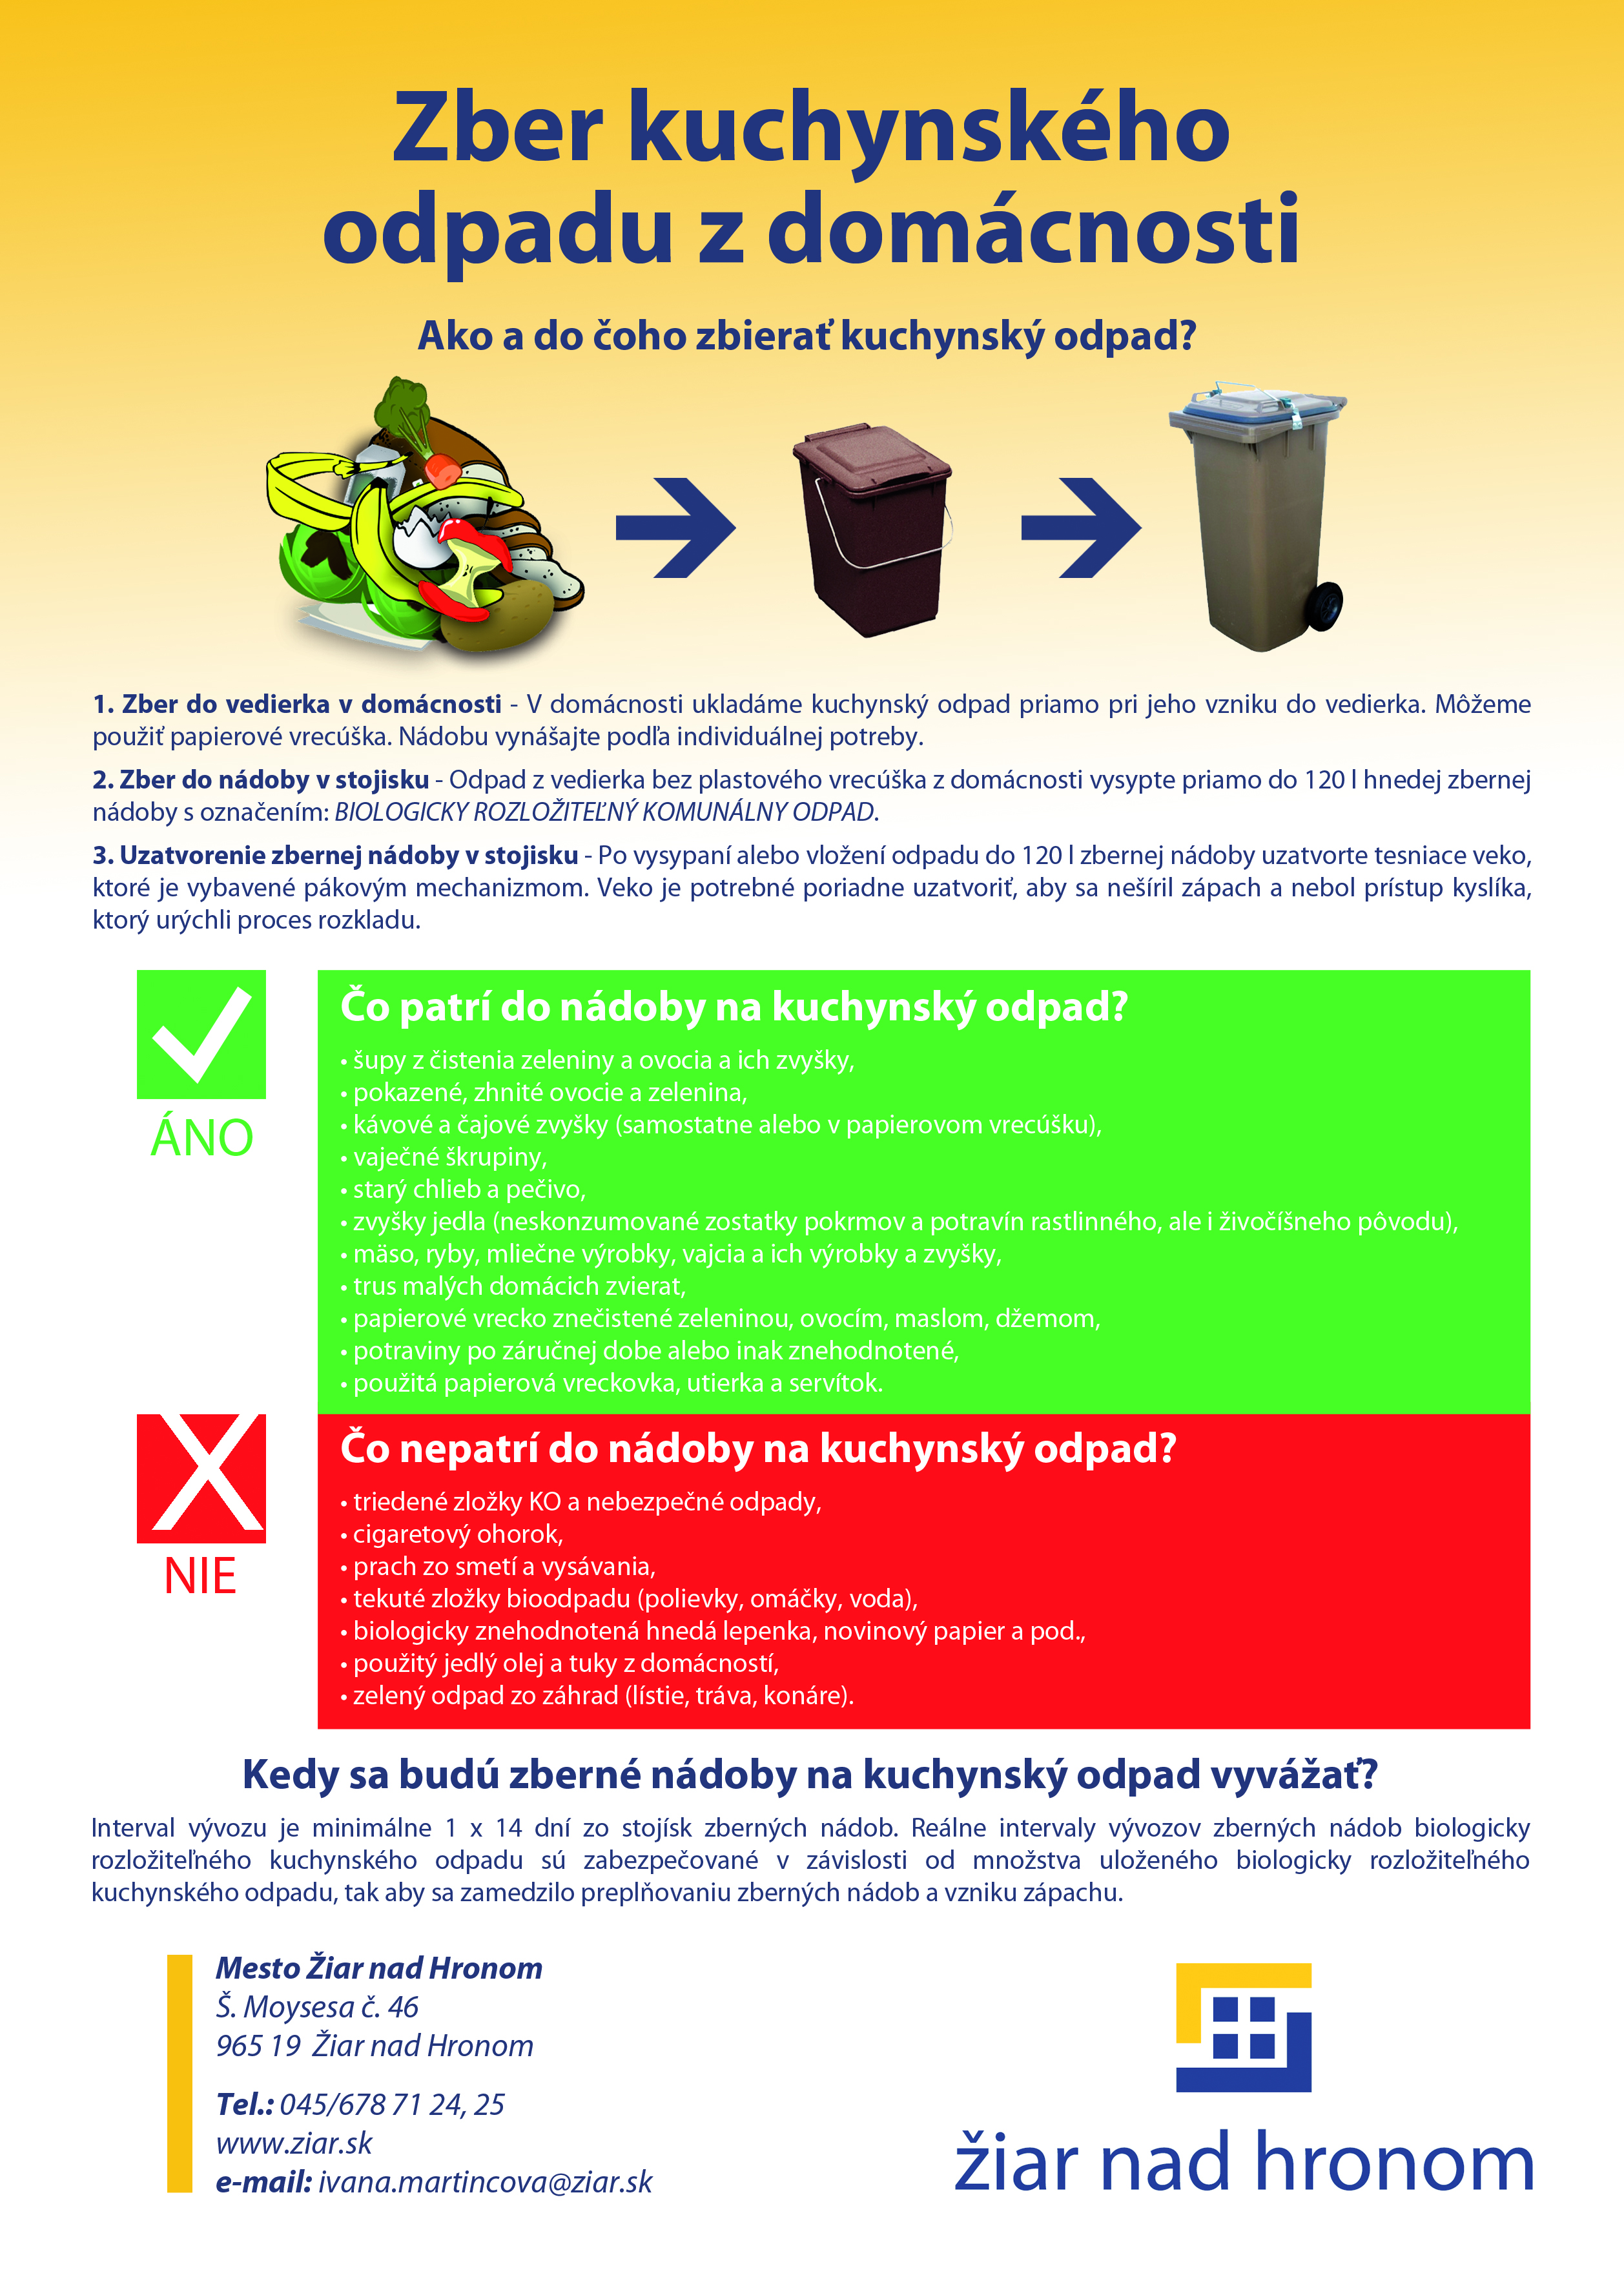 Informačný leták - zber kuchynského odpadu z domácnosti